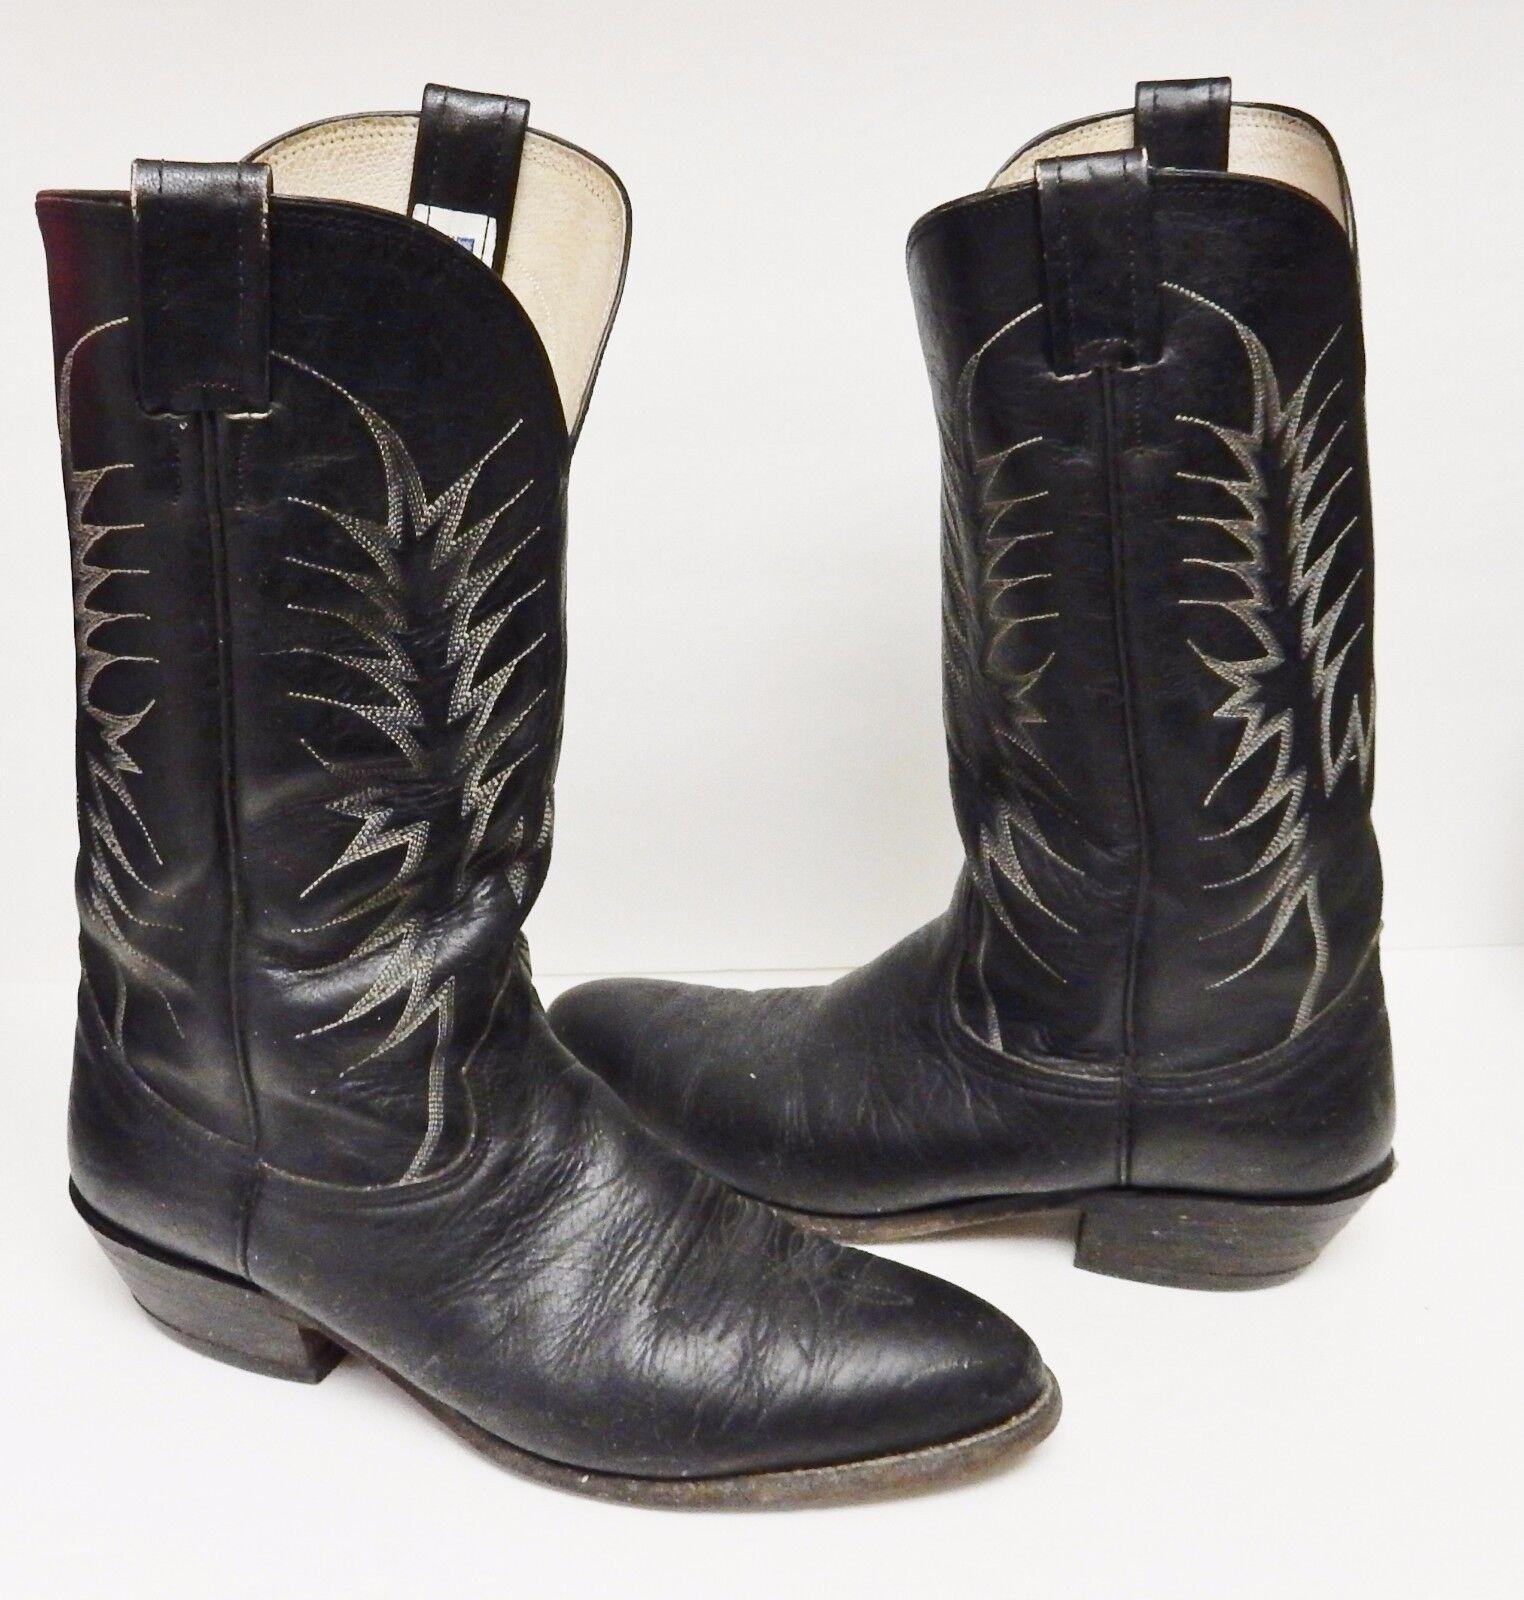 Nocona Bullhide Boots Leather Western Cowboy 6501 USA Black Men's Size 10 D